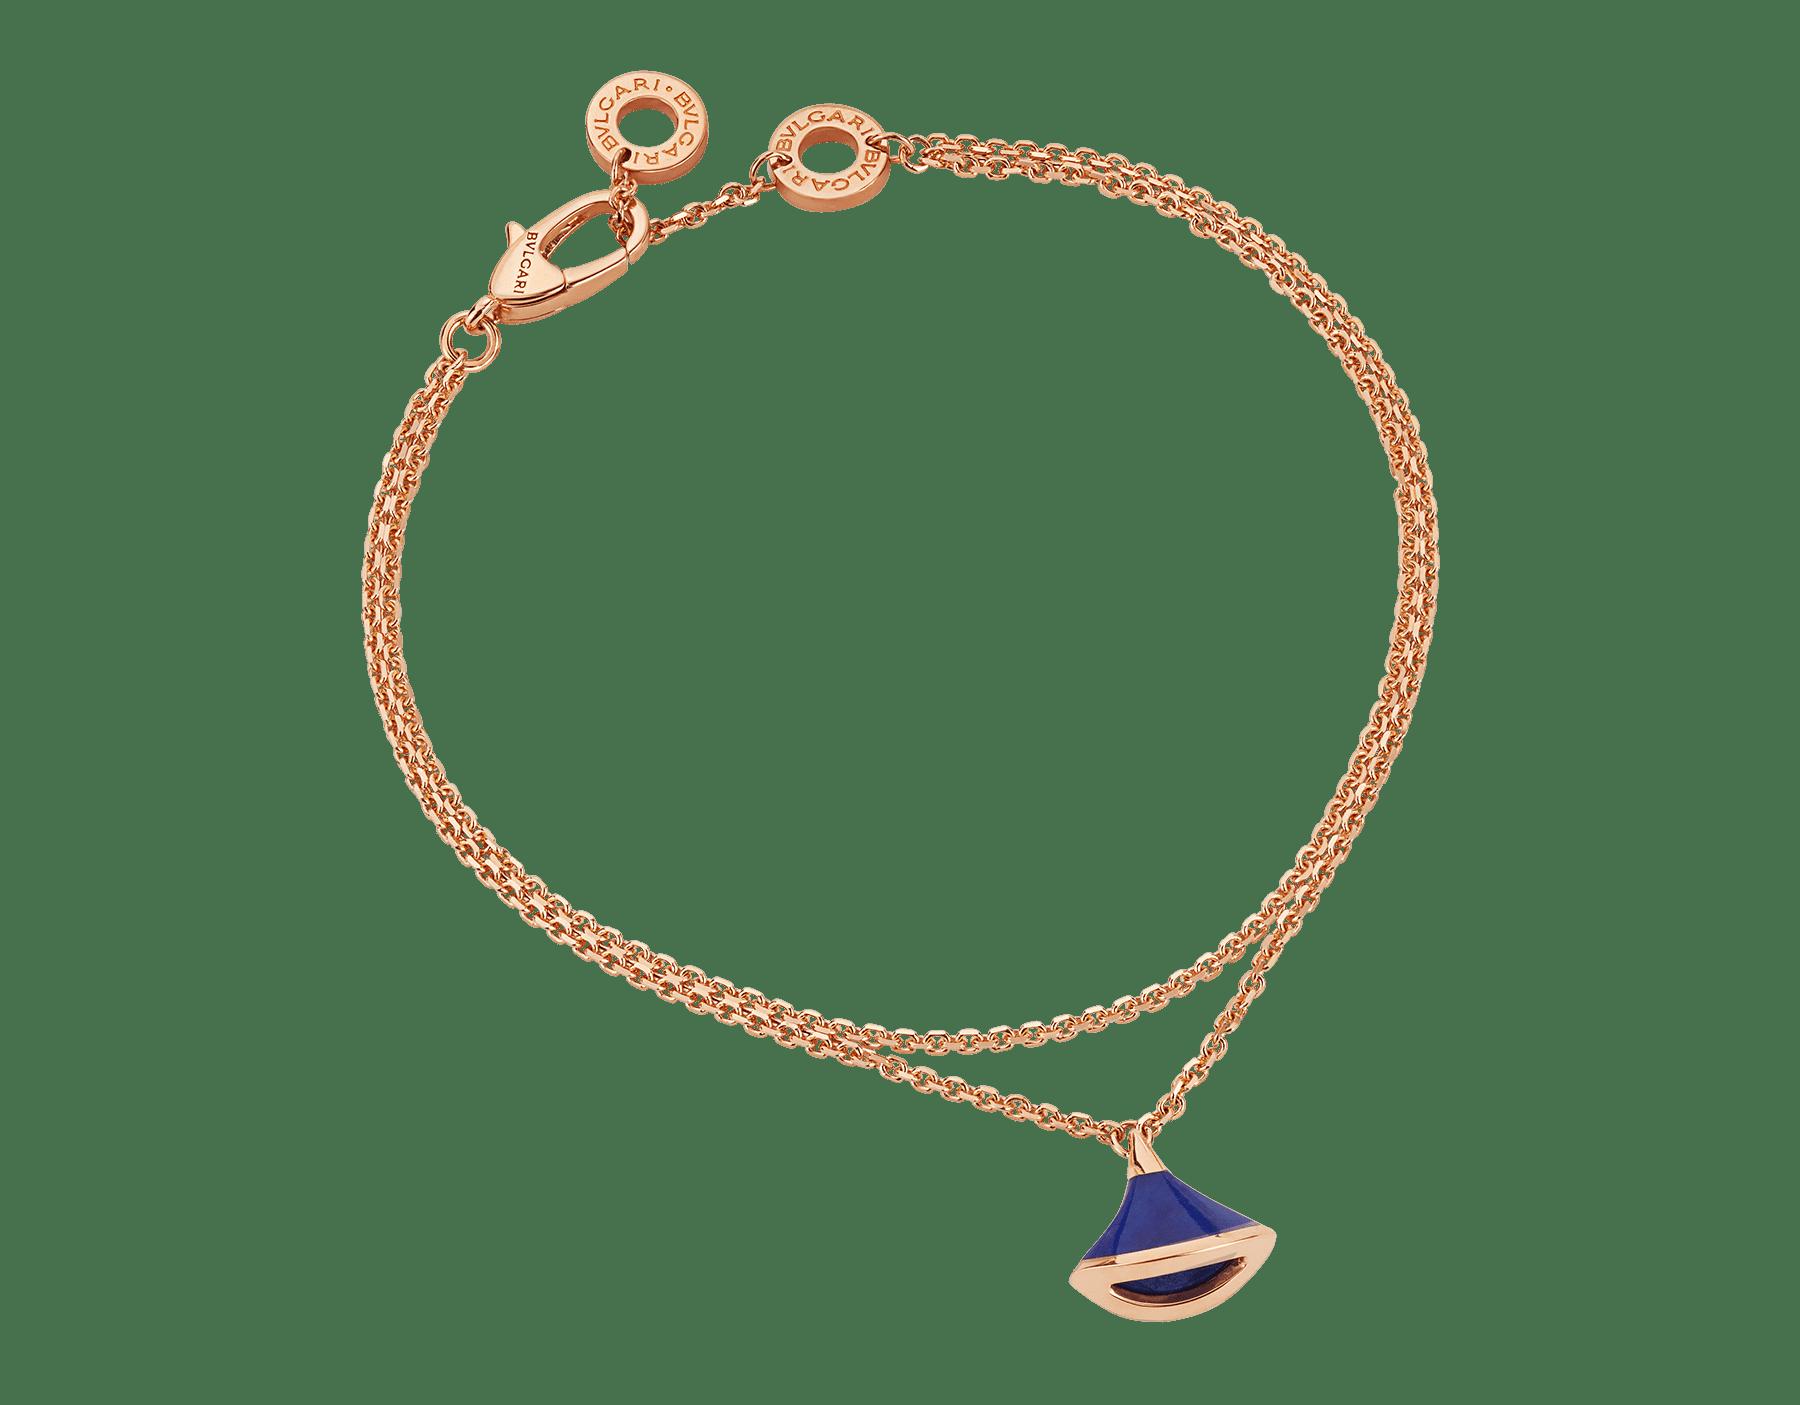 Pulsera DIVAS' DREAM en oro rosa de 18 qt y charm con lapislázuli. BR857290 image 1